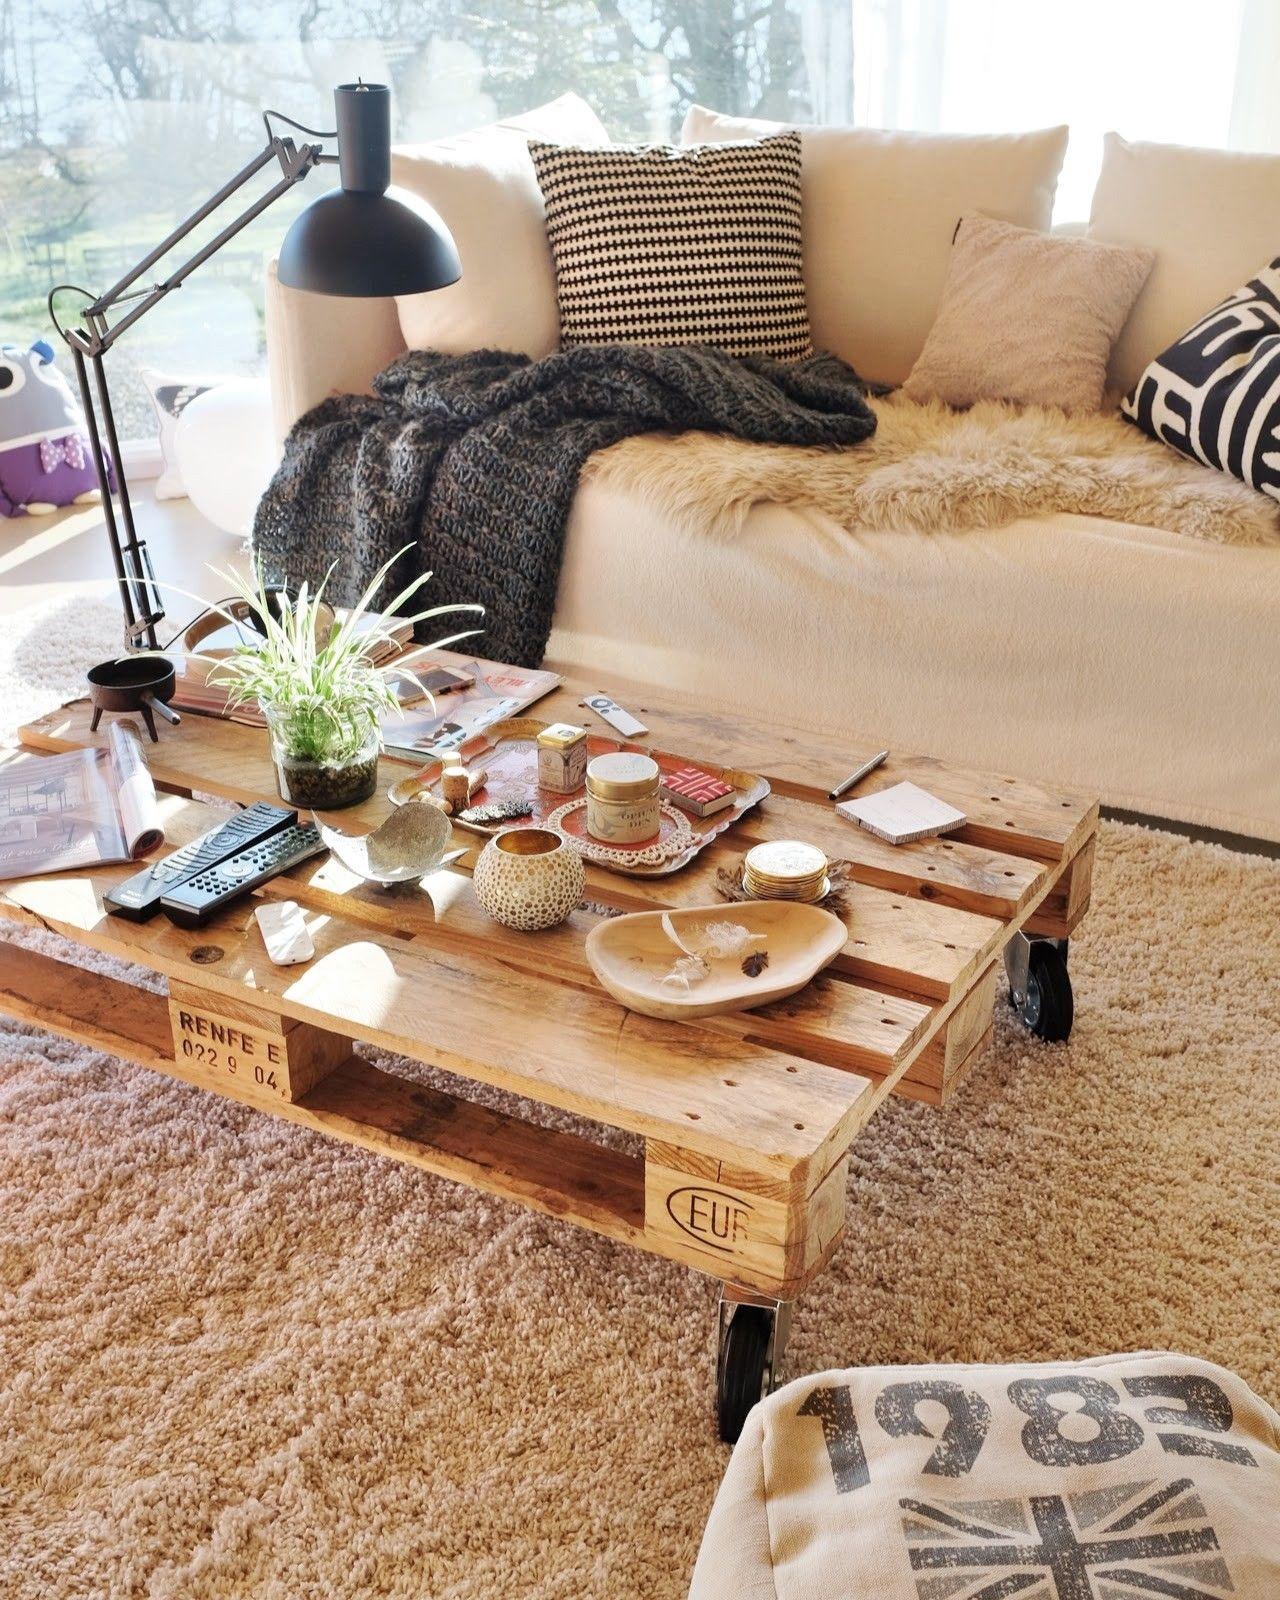 Holz Europalett Tisch Idee Selbstgemachte Zimmerdeko Haus Deko Möbel Aus Paletten